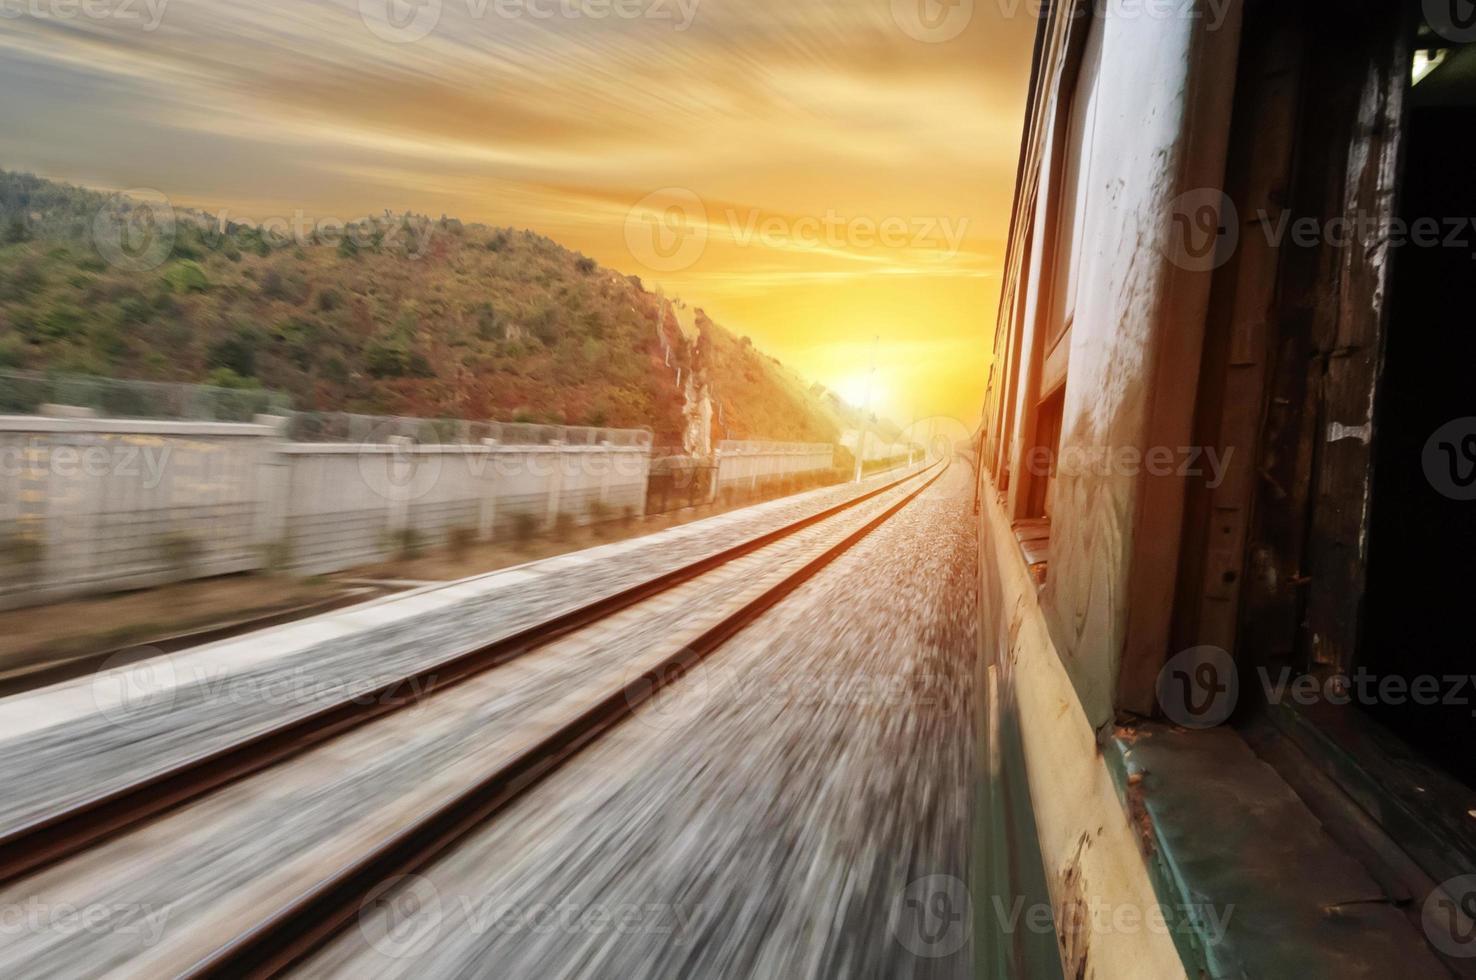 la strada da percorrere per la ferrovia foto